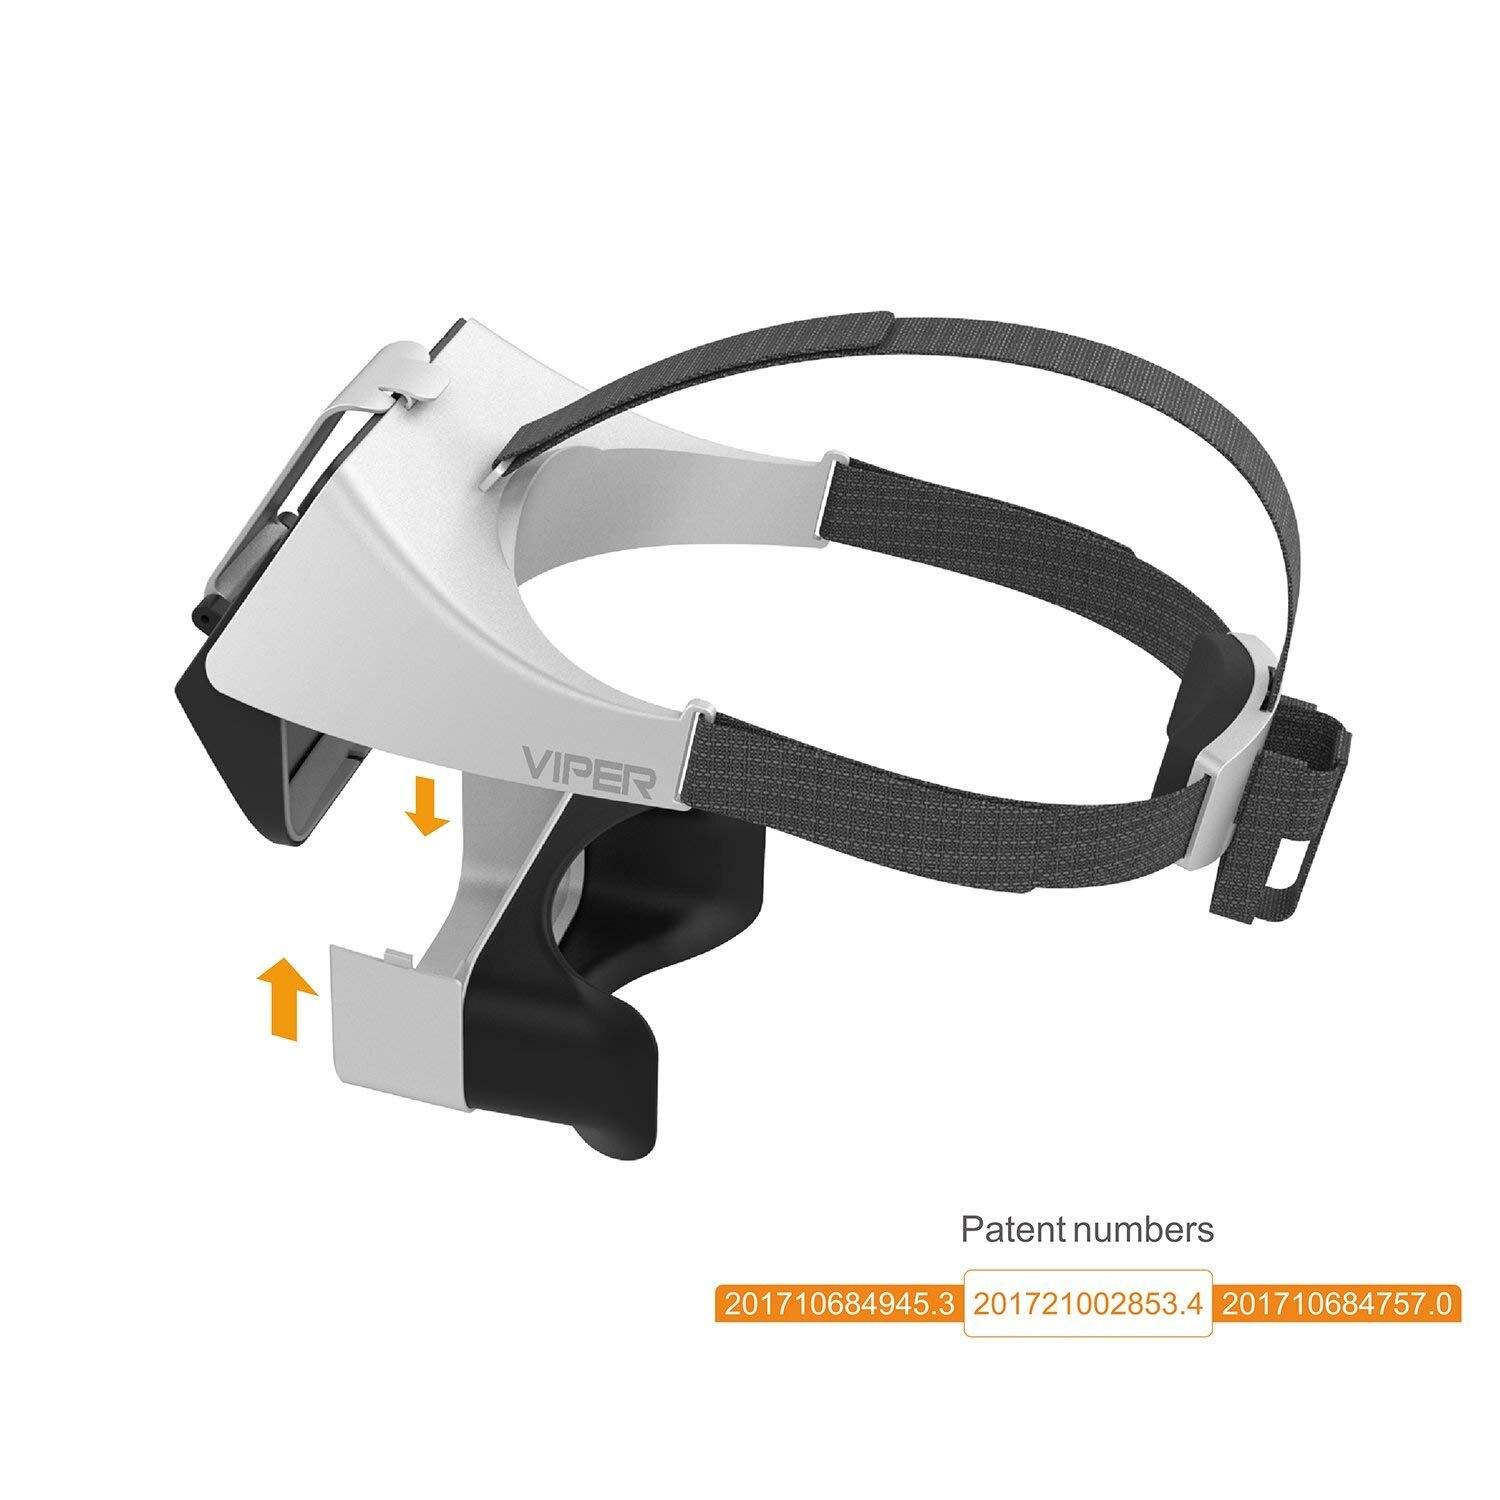 FXT VIPER Versione 2.0 5.8G Diversità HD FPV Video Occhiali con DVR Built In Rifrattore per RC Drone Quadcopter FPV accessoriess - 4